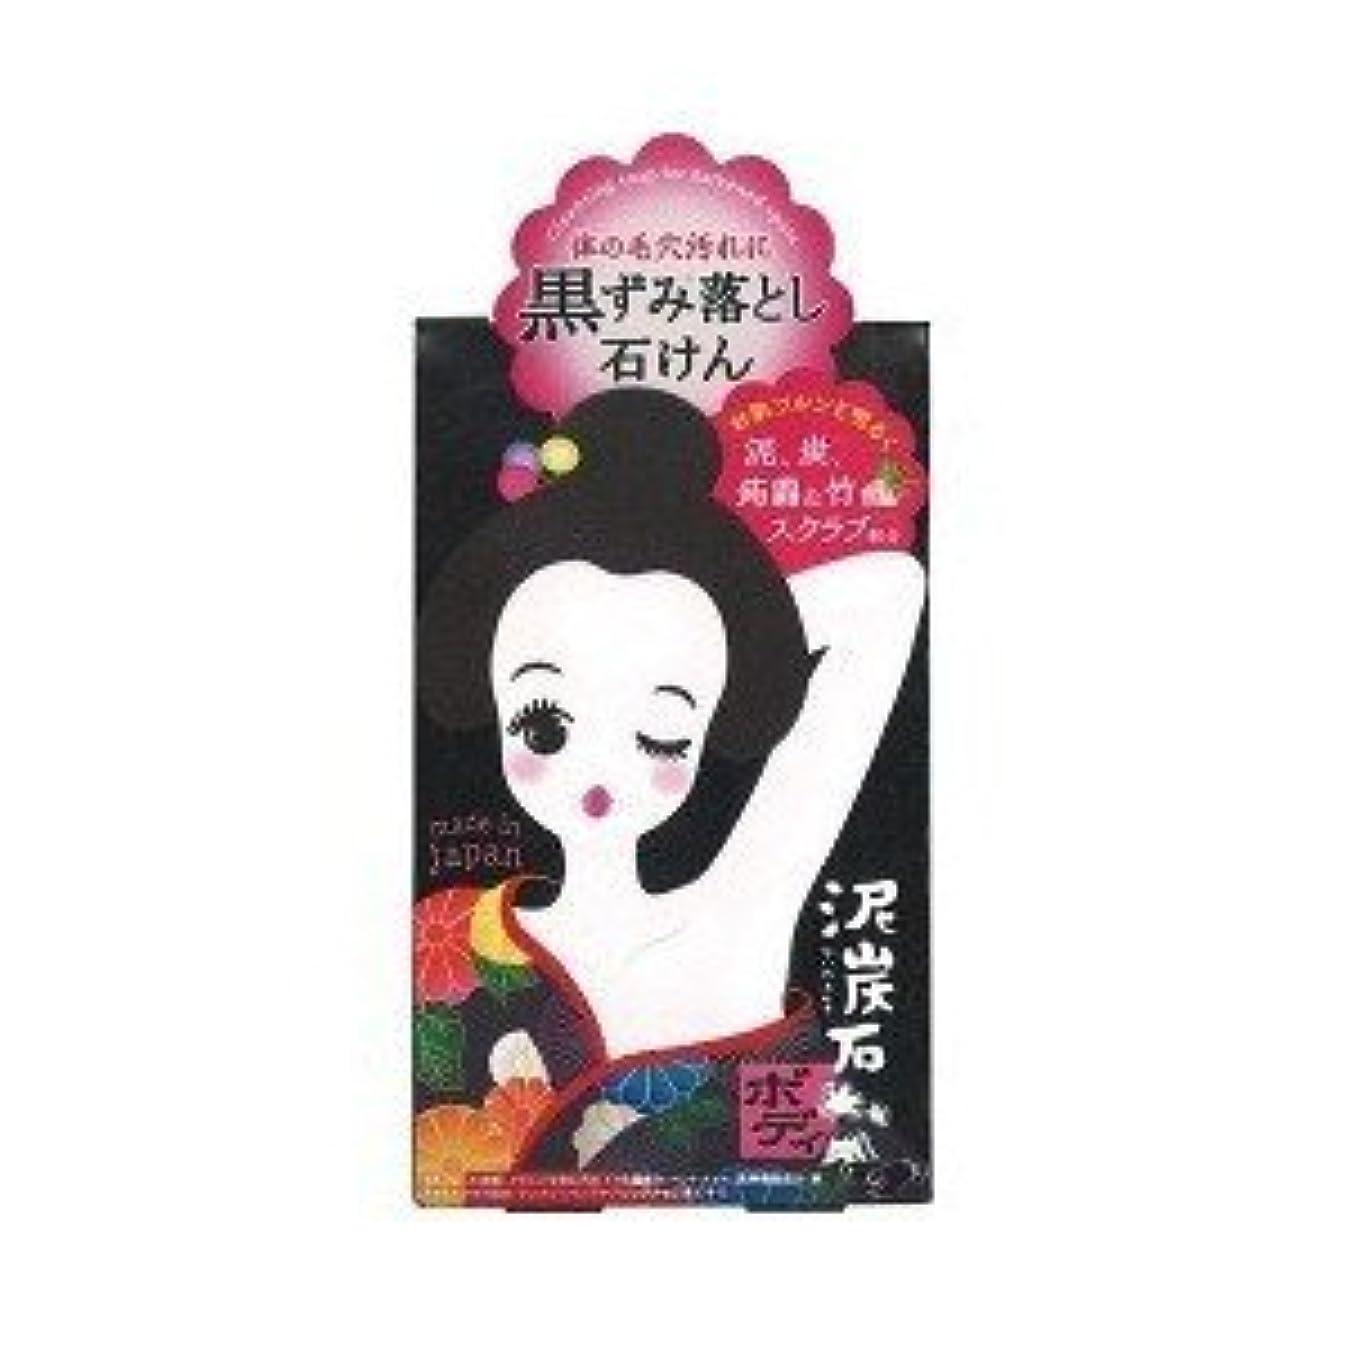 磁気トレース付属品(ペリカン石鹸)ペリカン 泥炭石 ボディスクラブ石鹸 100g